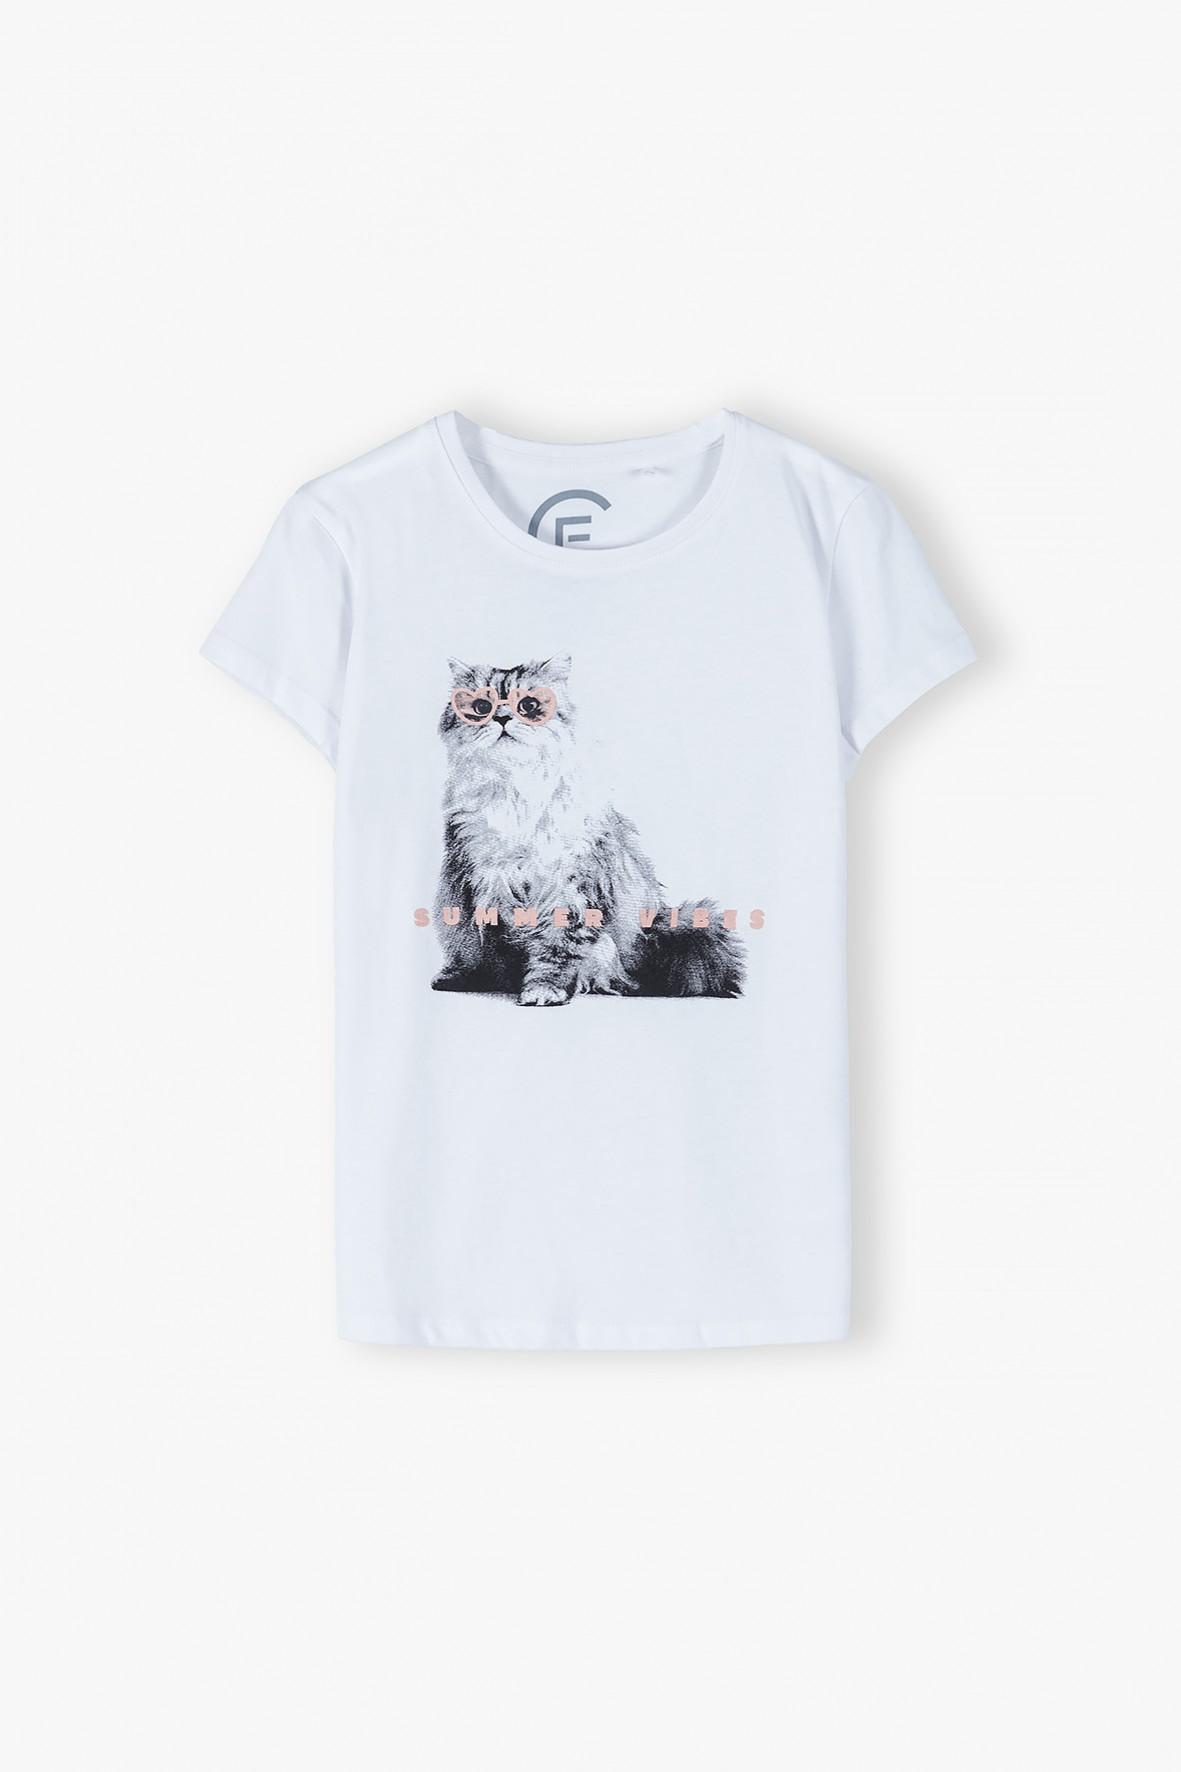 Bawełniany biały T-shirt dziewczęcy z kotem- ubrania dla całej rodziny